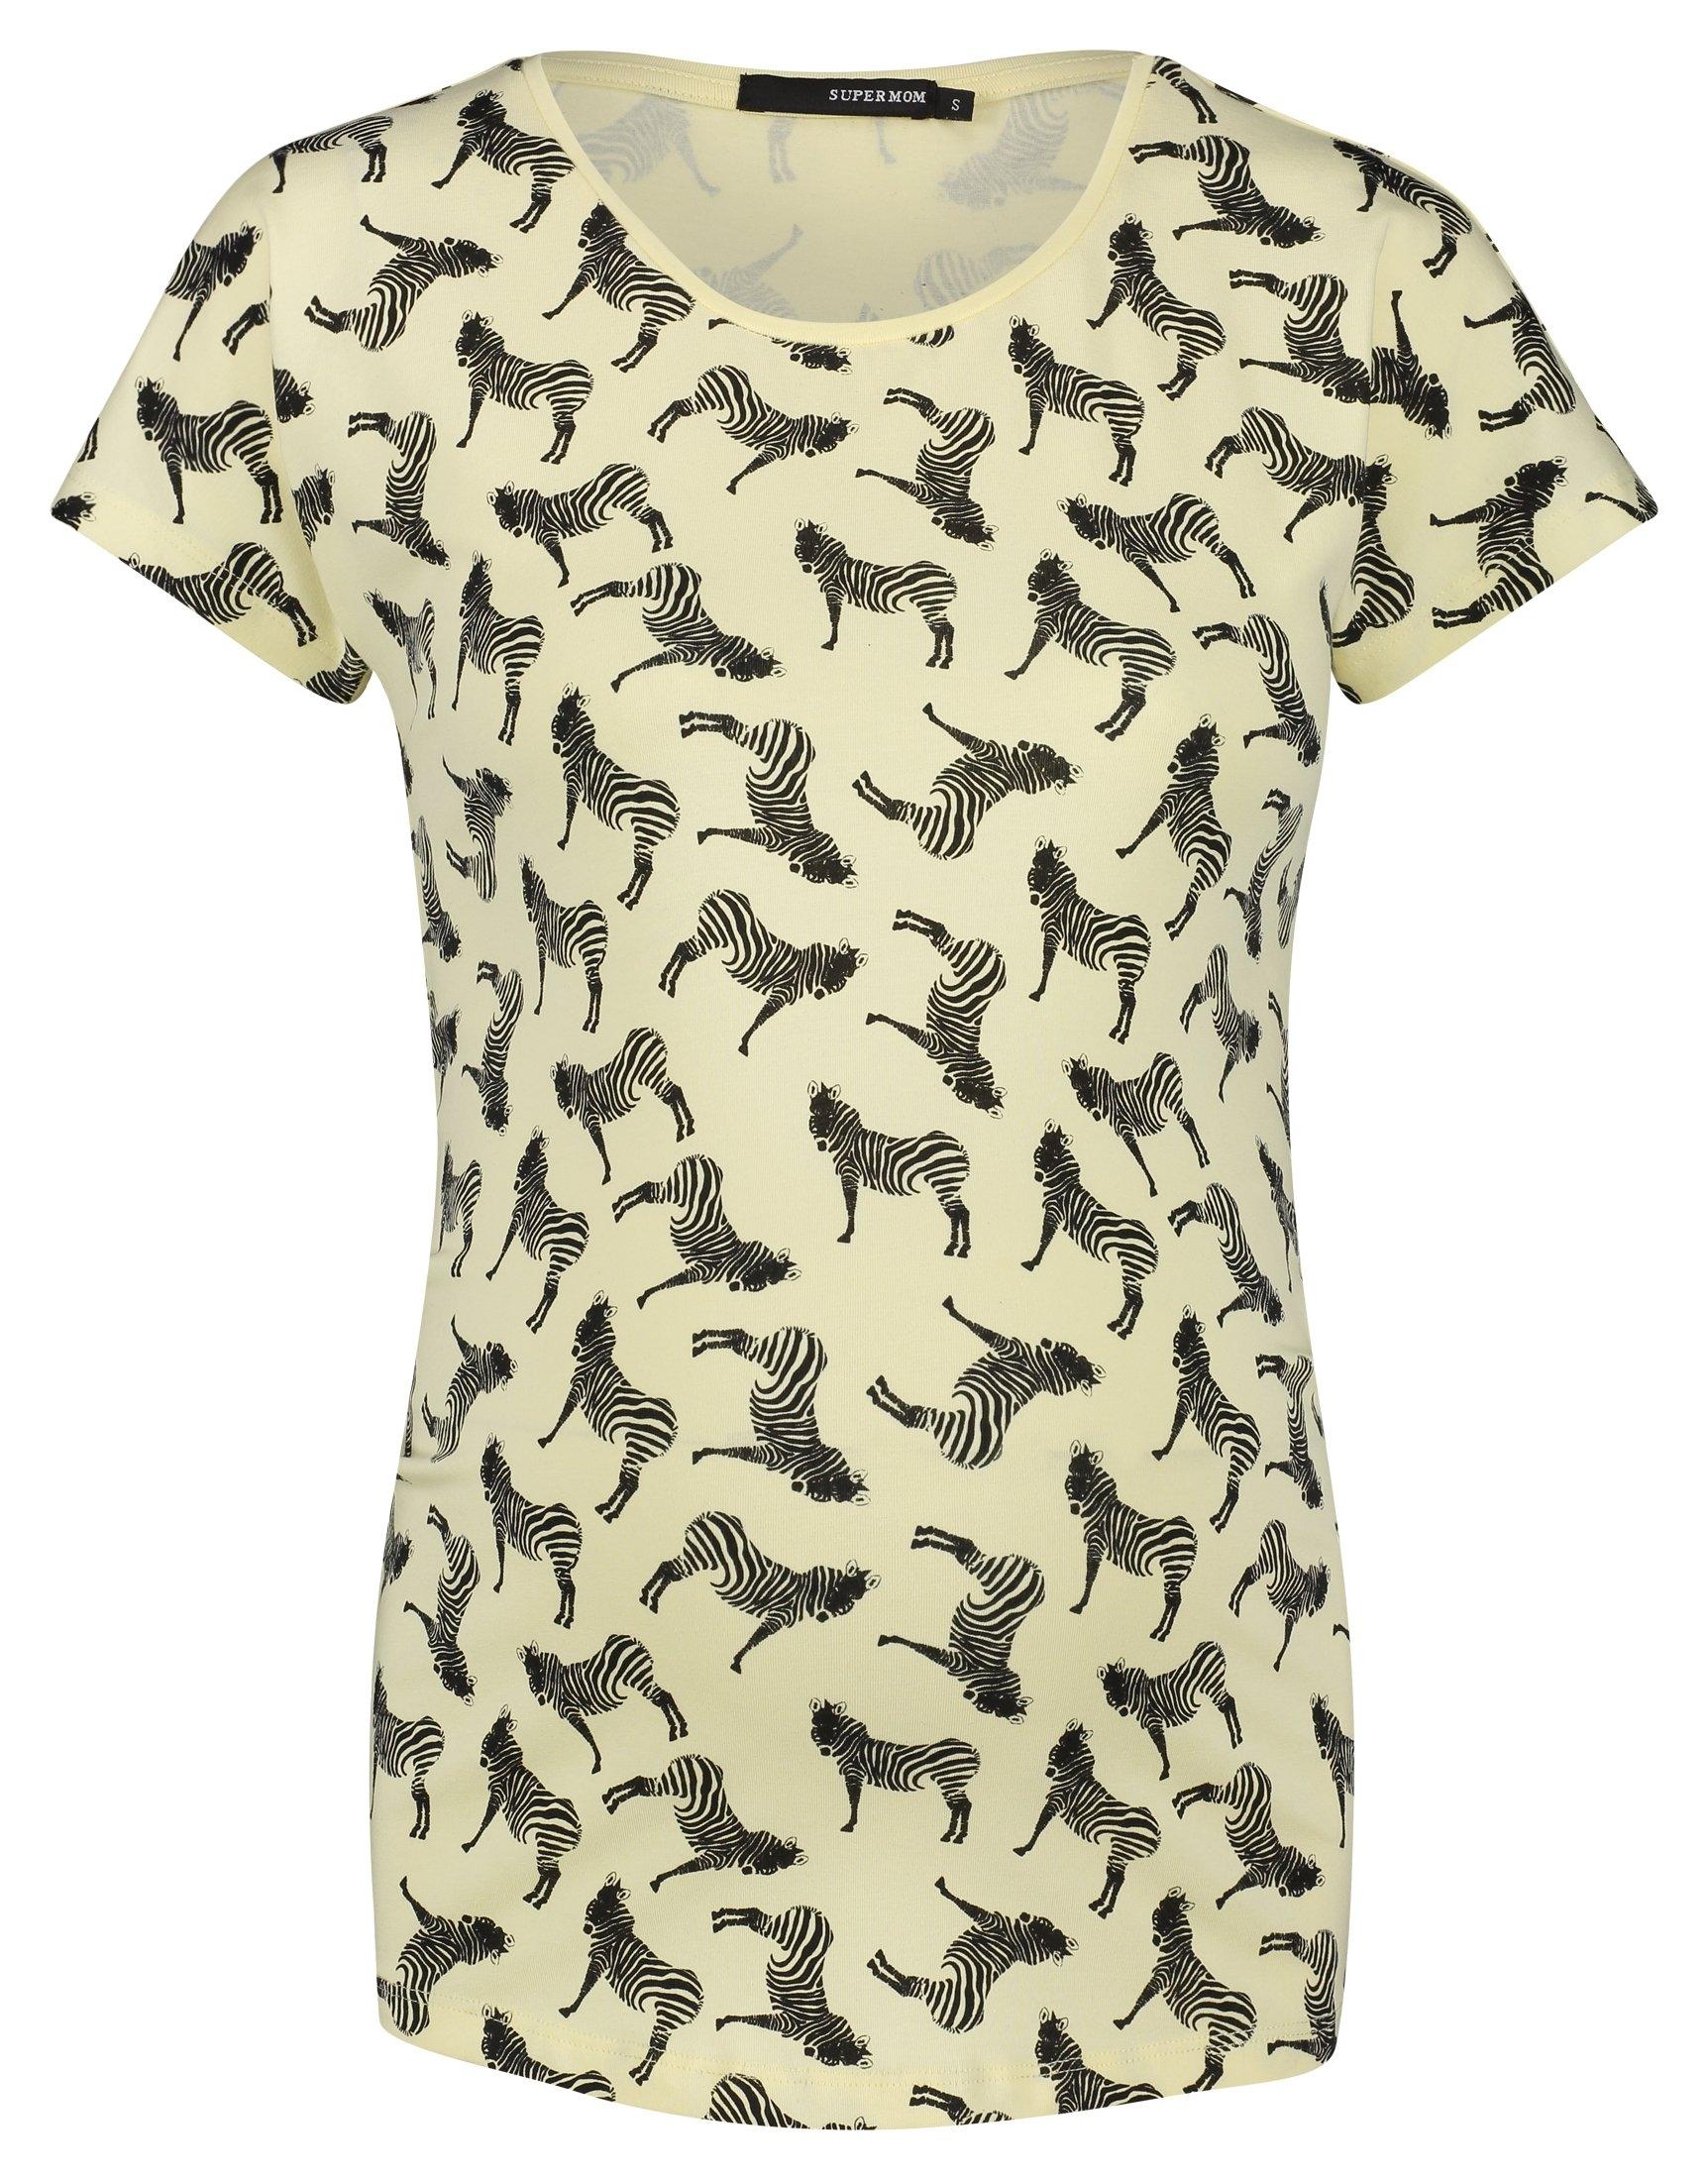 Supermom t-shirt »Zebra« - gratis ruilen op otto.nl